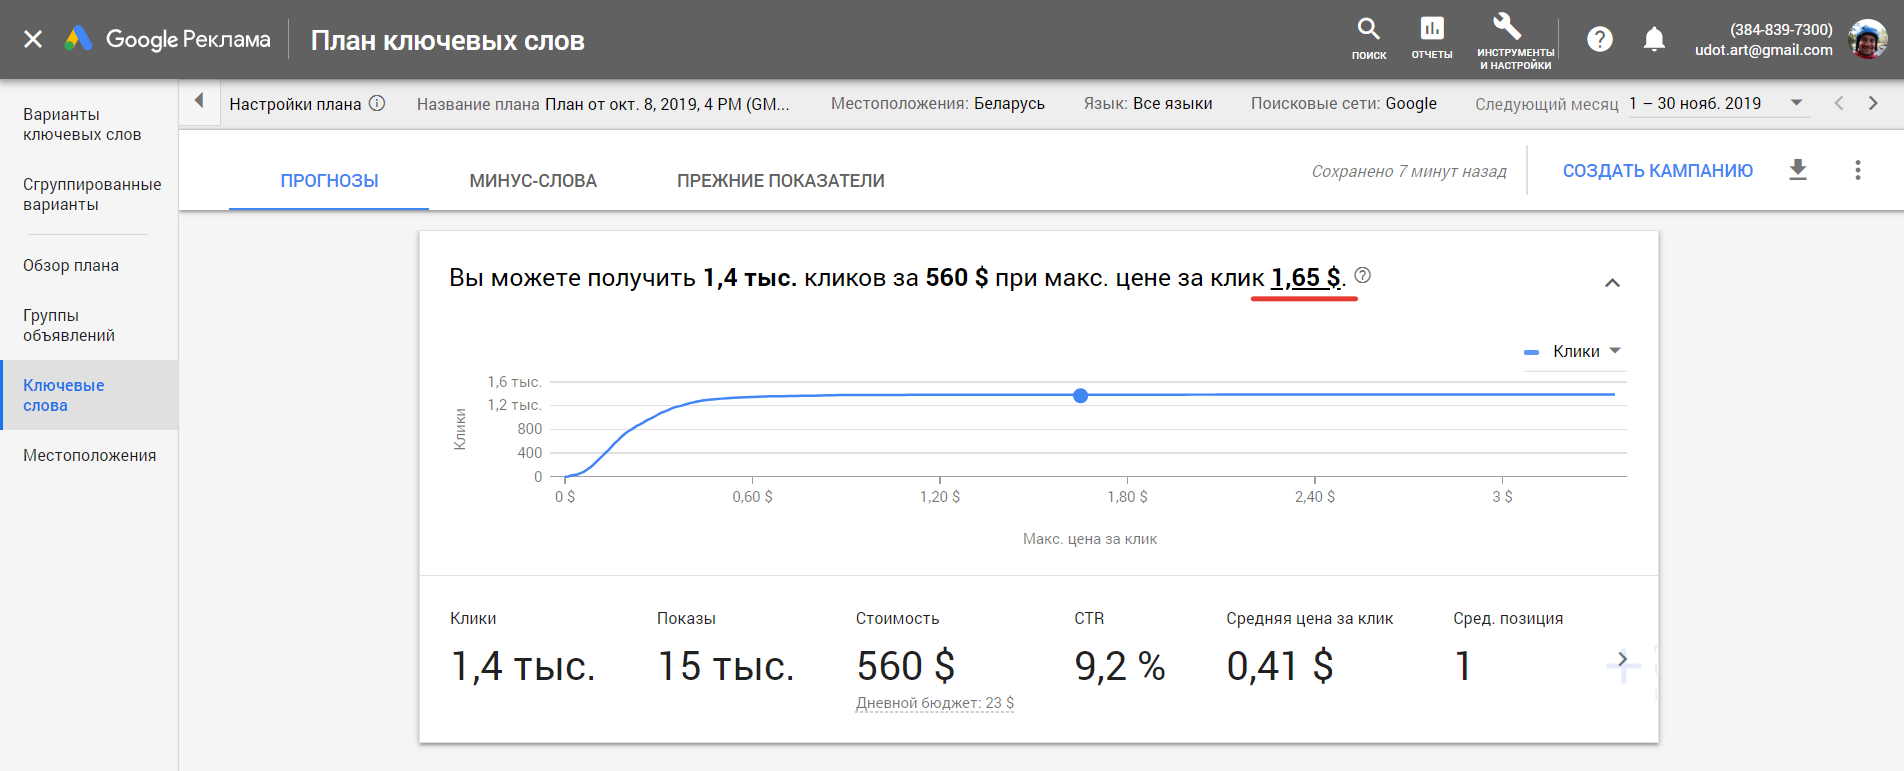 Google Keyword Planner изменение ставки